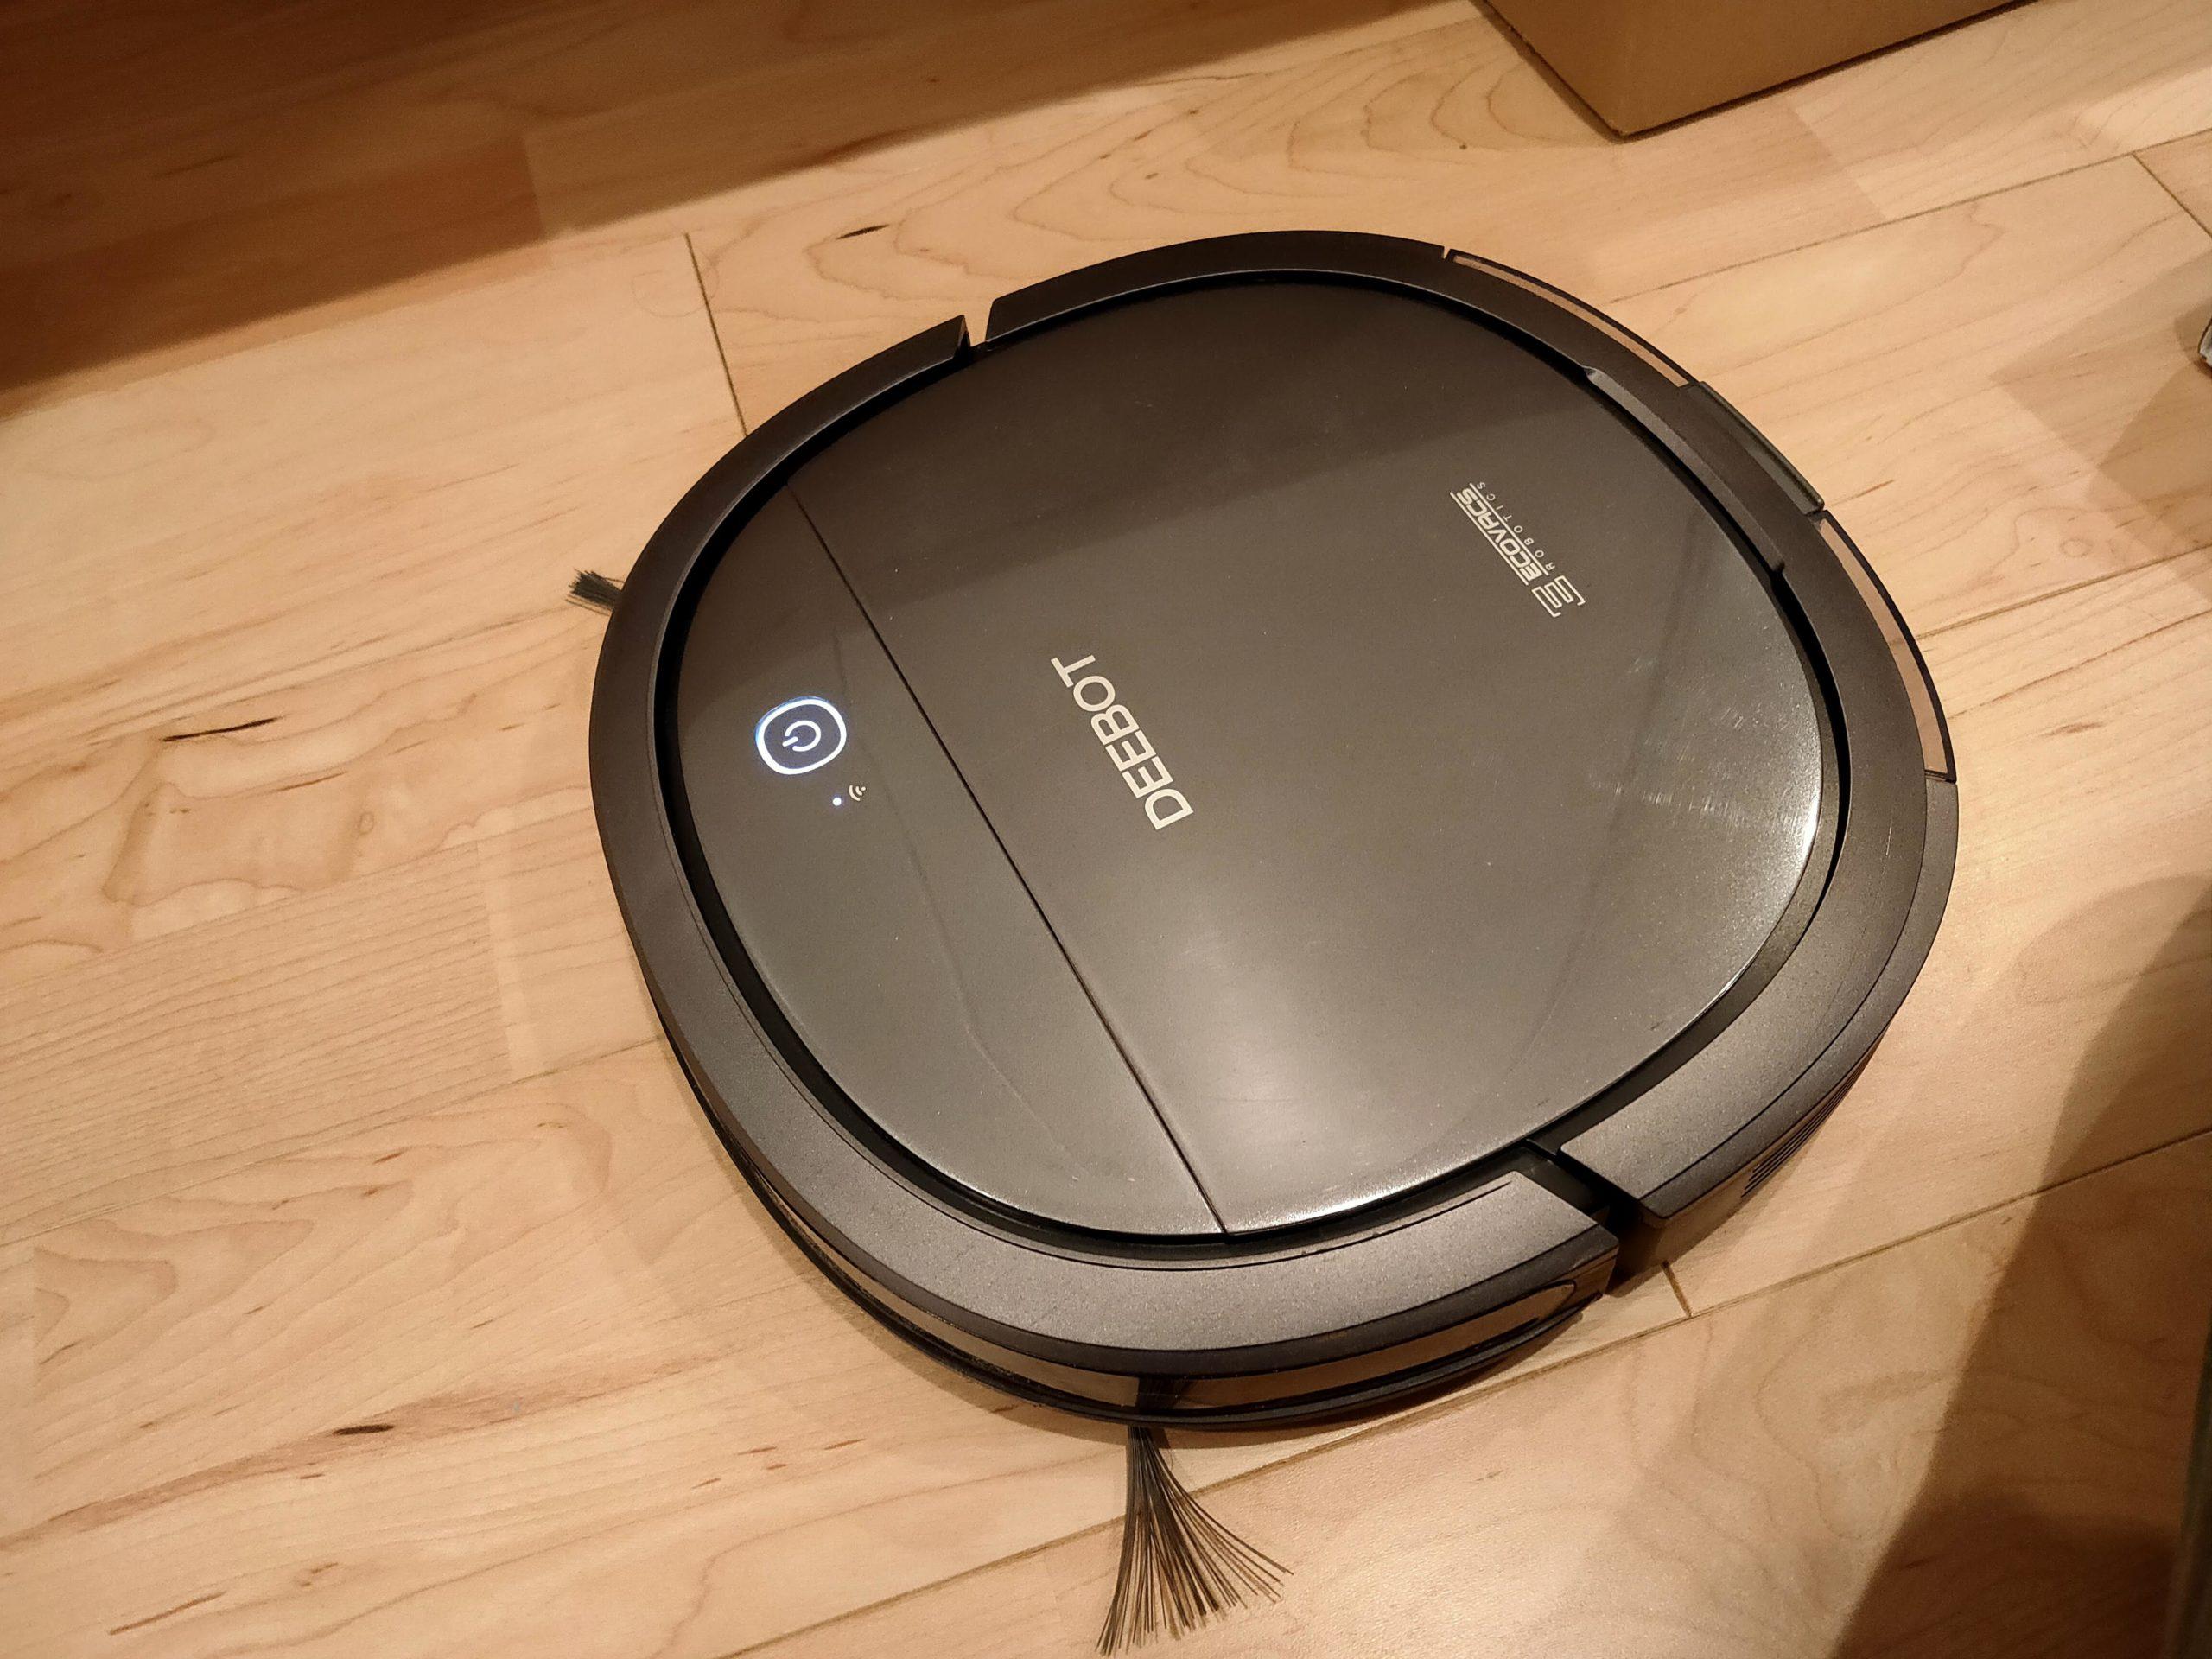 【ロボット掃除機】DEEBOT OZMO SLIM なら無印良品のユニットシェルフの隙間に潜り込める!